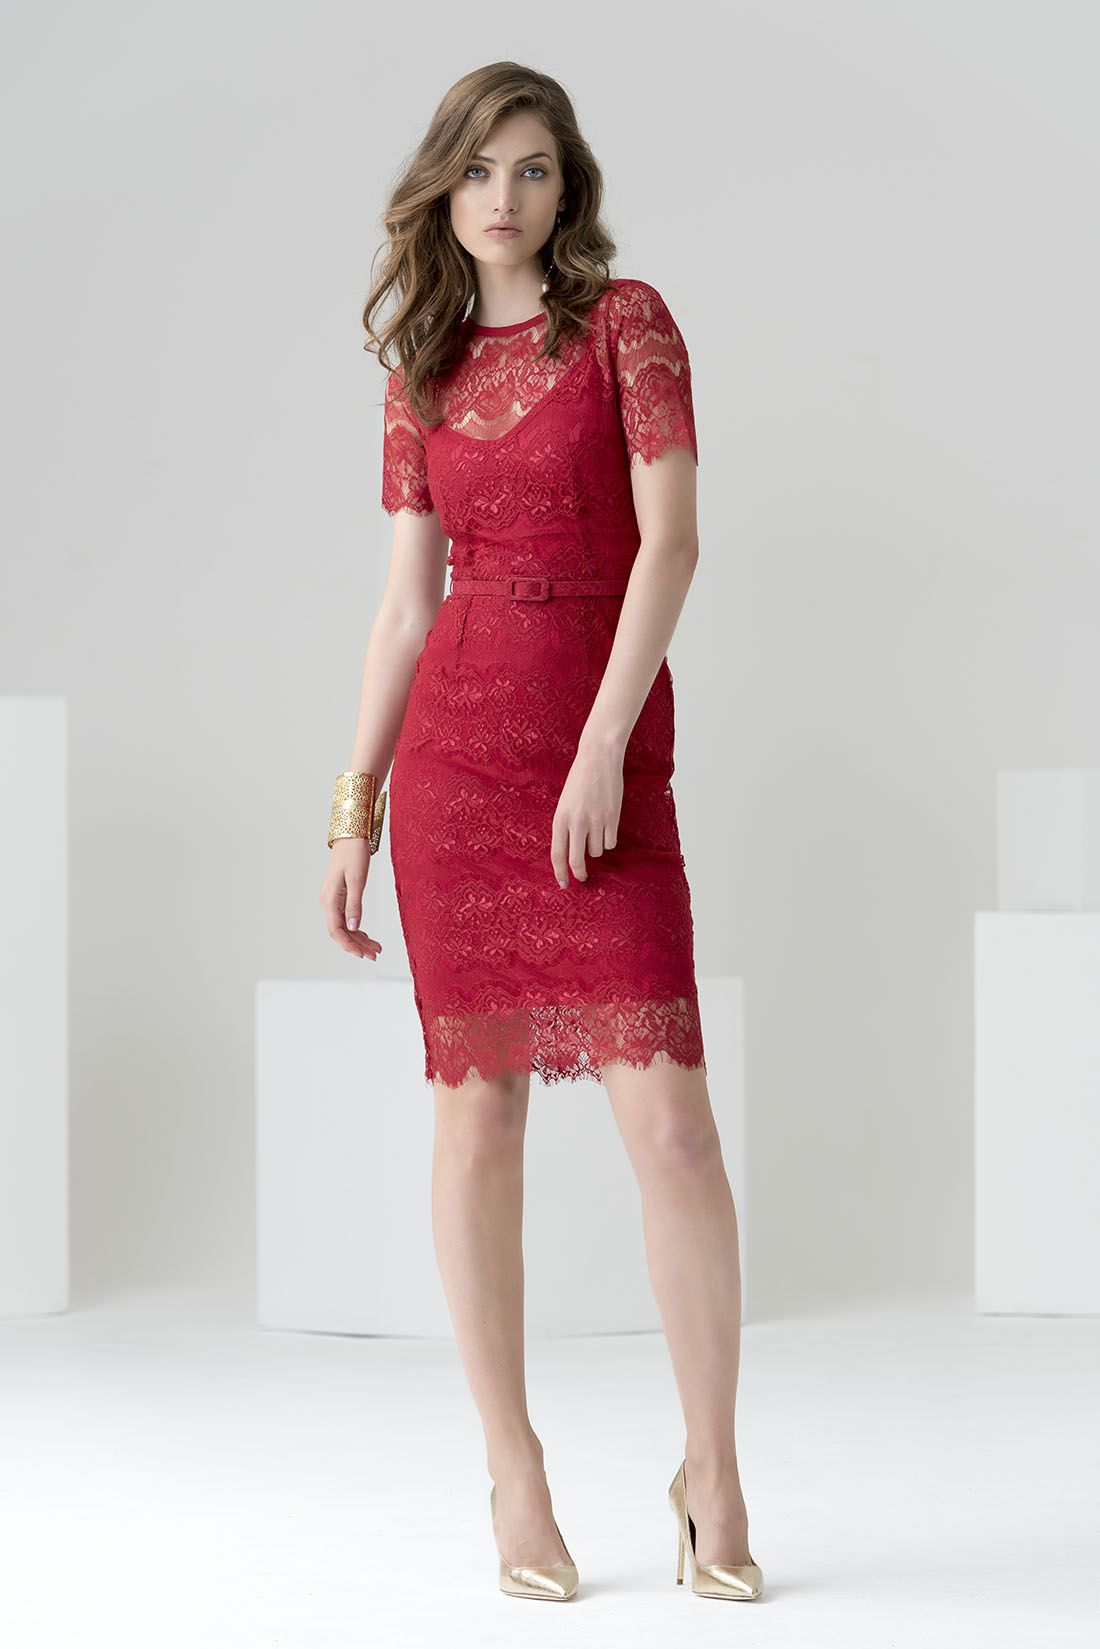 0e4071f83 El vestido Sally de Body Frock es el vestido perfecto para una cena  especial o un evento de día. El vestido de fiesta Sally combina un delicado  encaje con ...